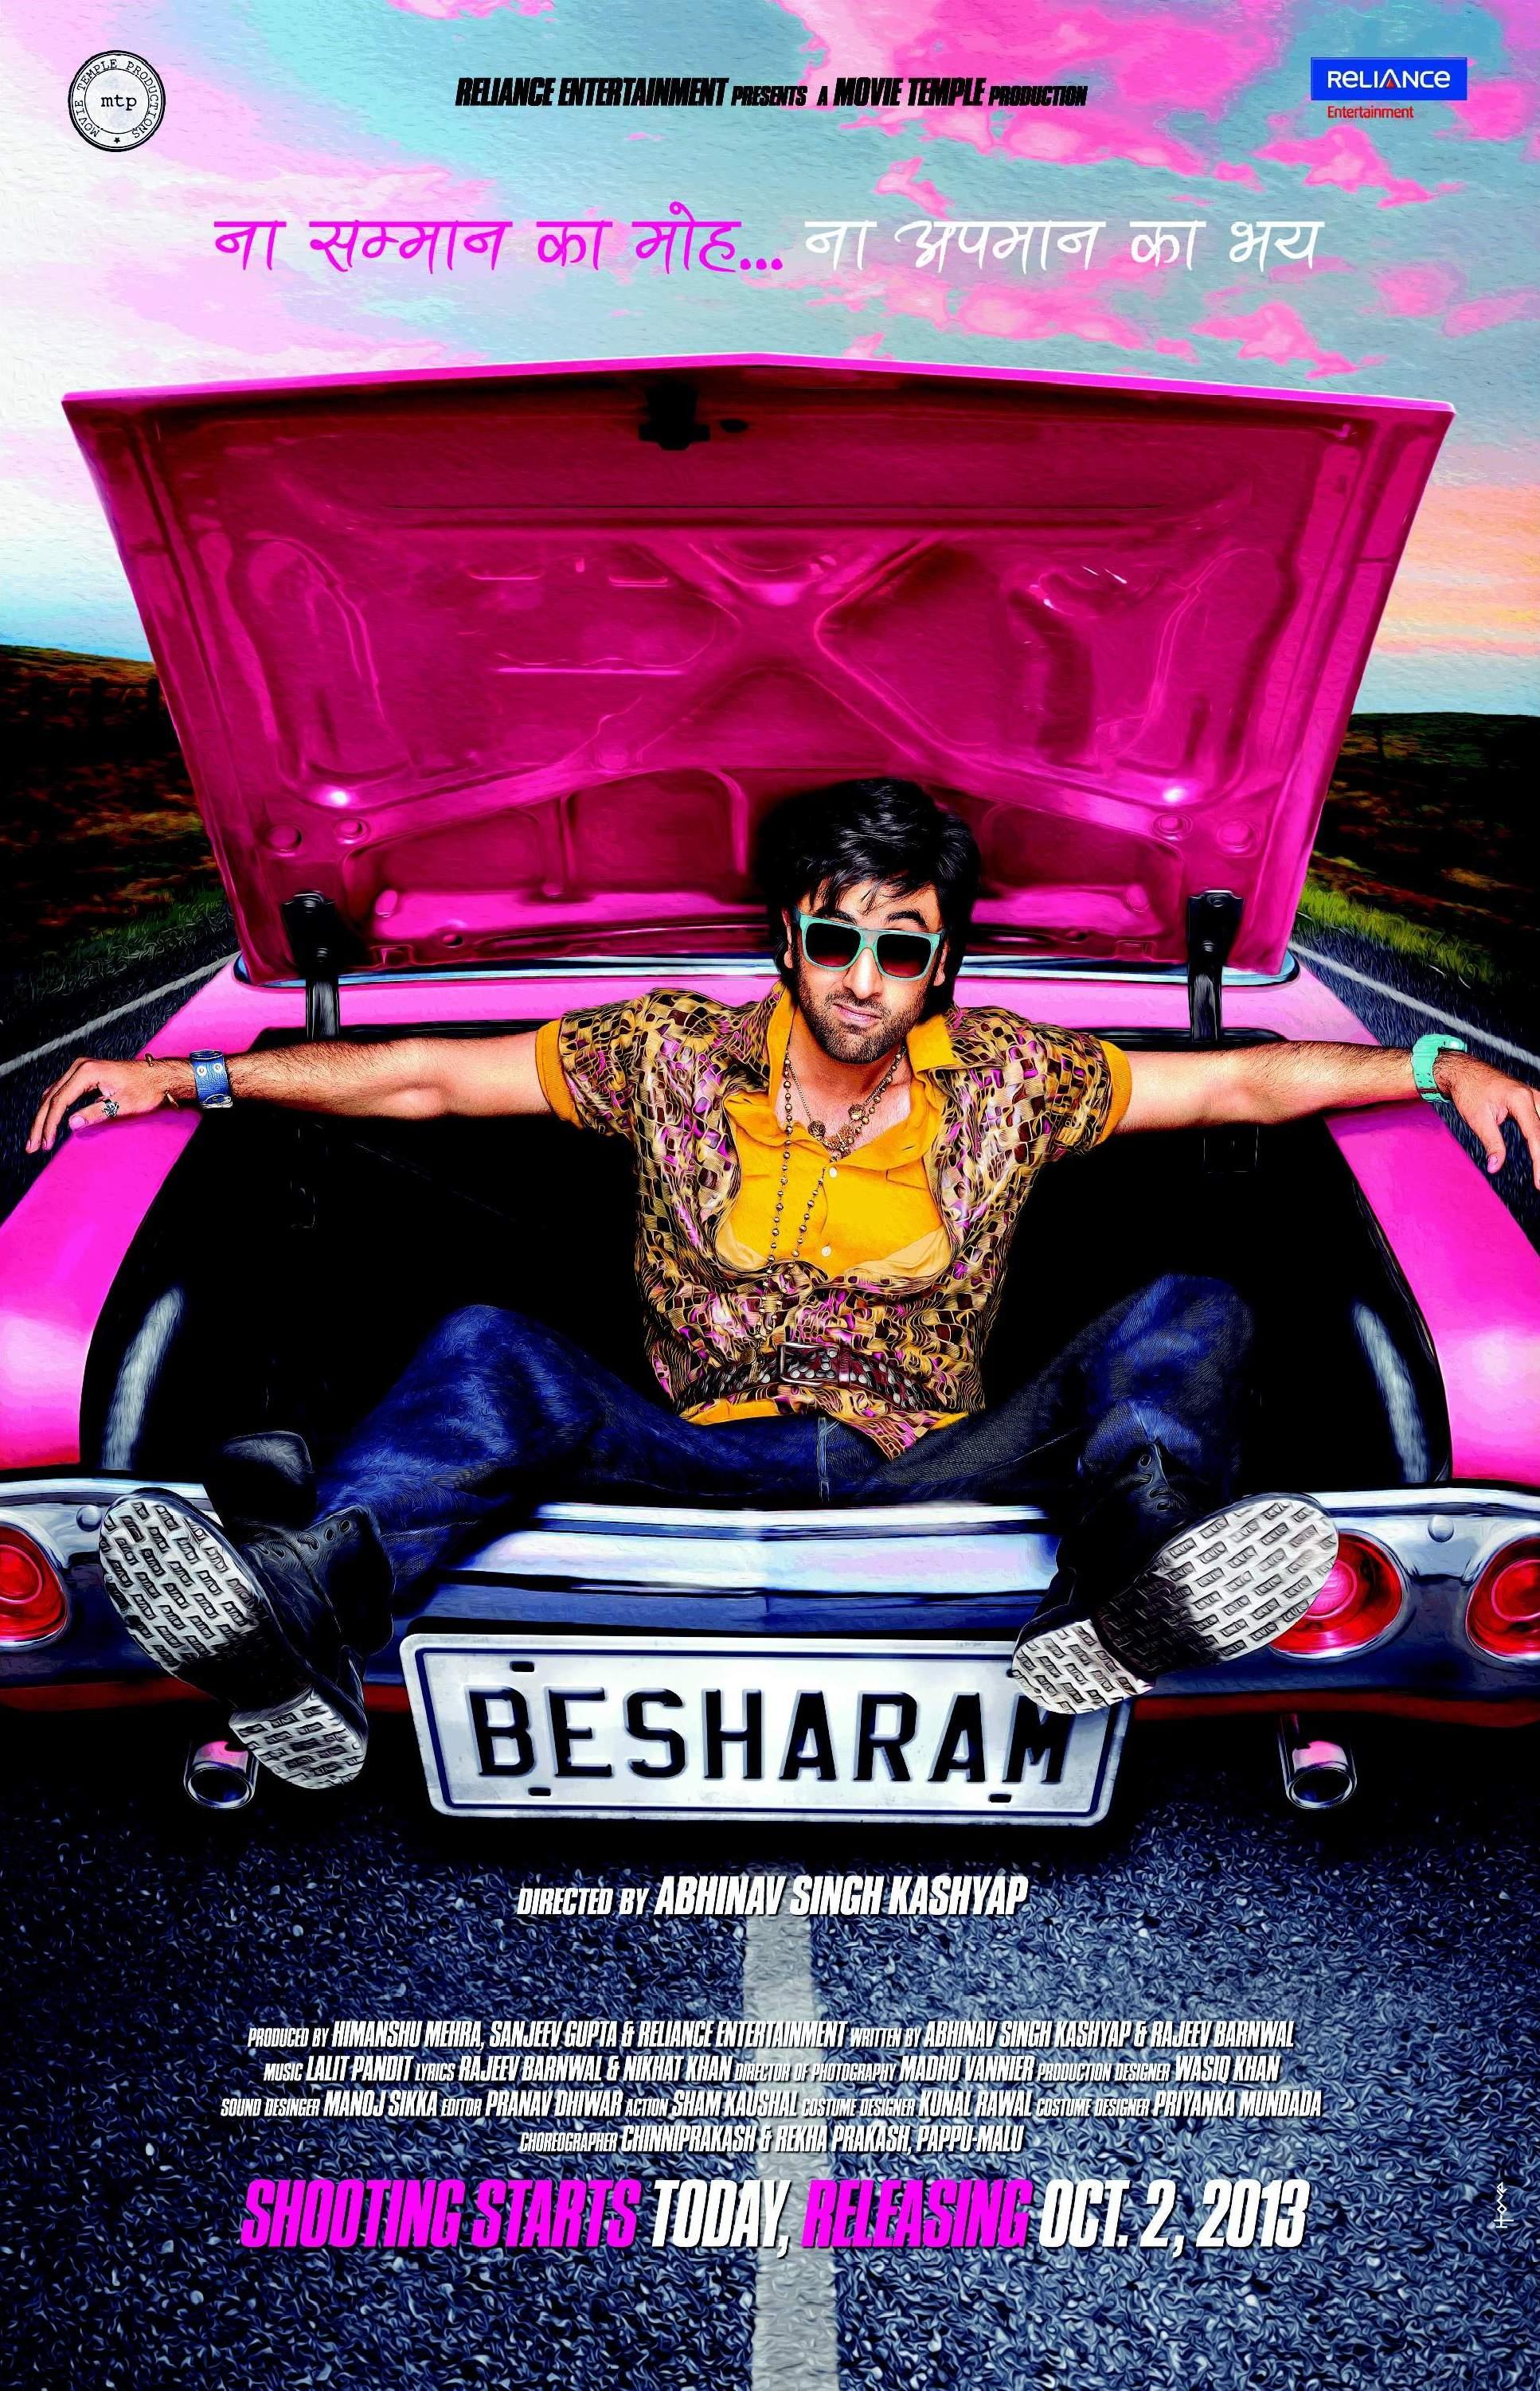 Besharam - Movie Poster #1 (Original)